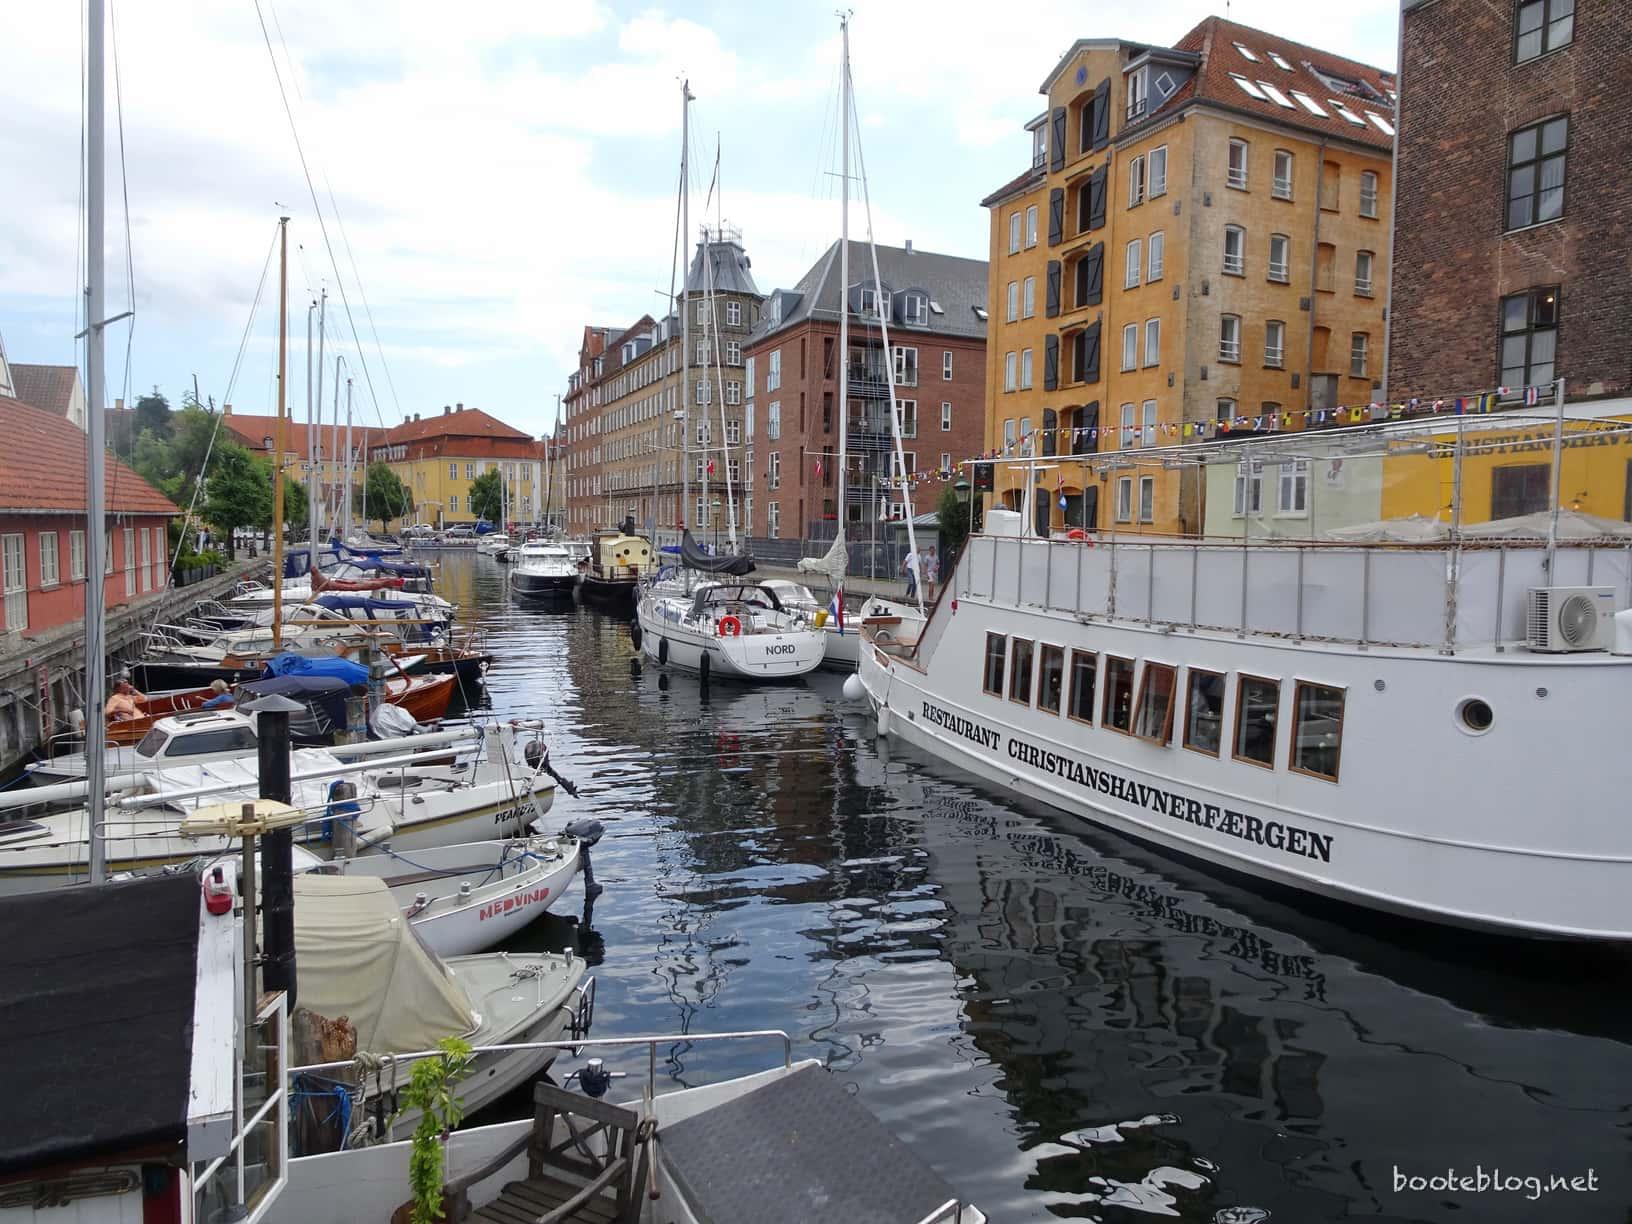 Ein Stück der Wilders Plads Marina bzw. Christianshavn. Eng und ohne Wendemöglichkeit.